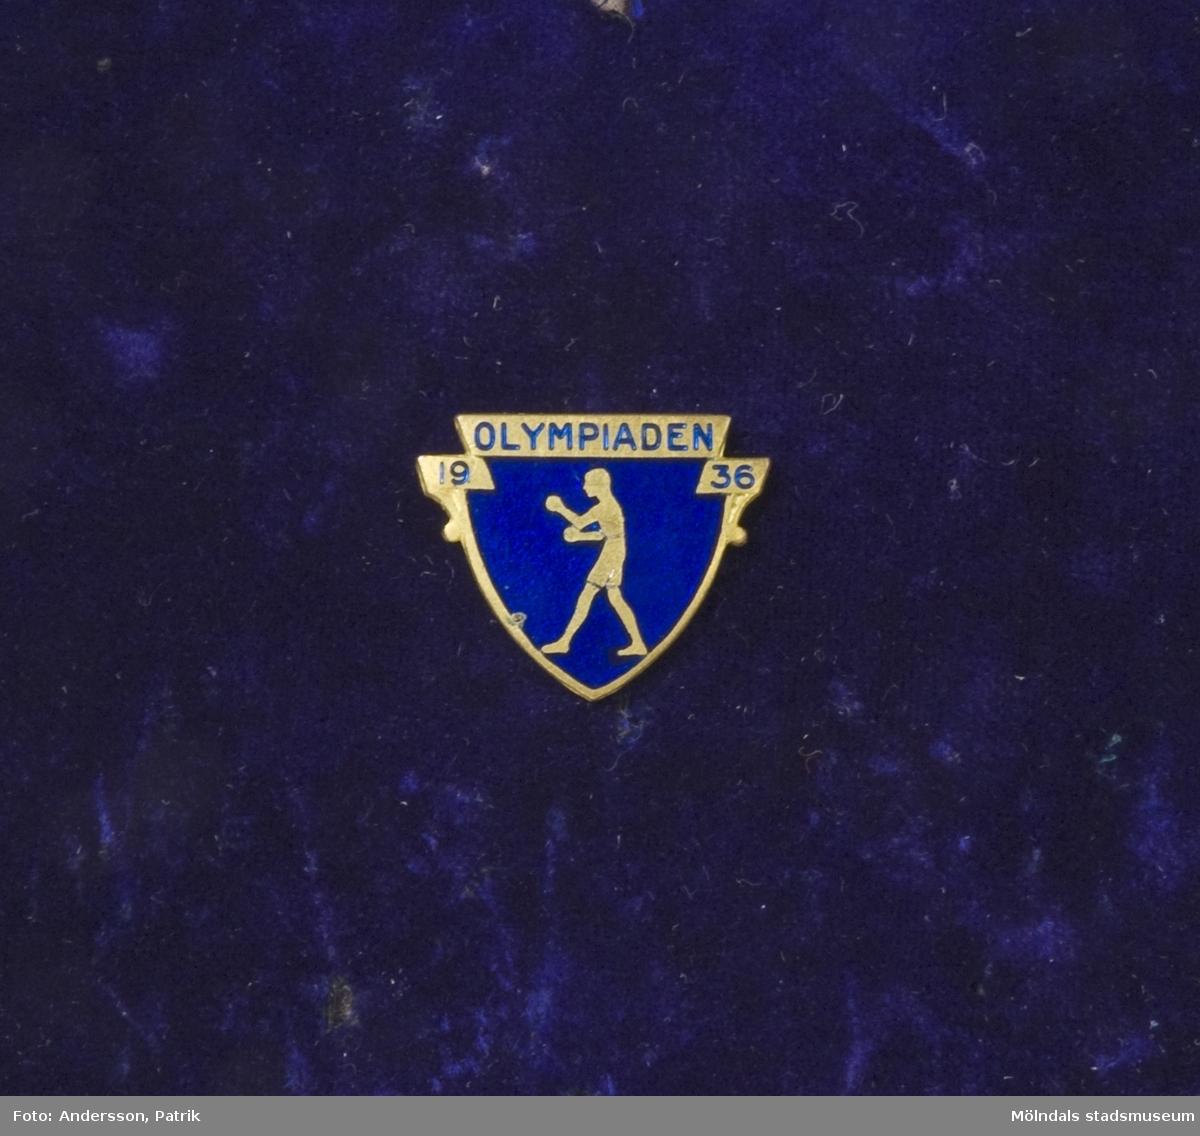 Idrottsmärke ägd av tungviktsboxare Henry Nicklasson, till minne av Olympiaden 1936.Sköldformat märke av metall med blå emalj, samt texten OLYMPIADEN 1936, samt stiliserad boxare. Nål för fastsättning på baksidan.